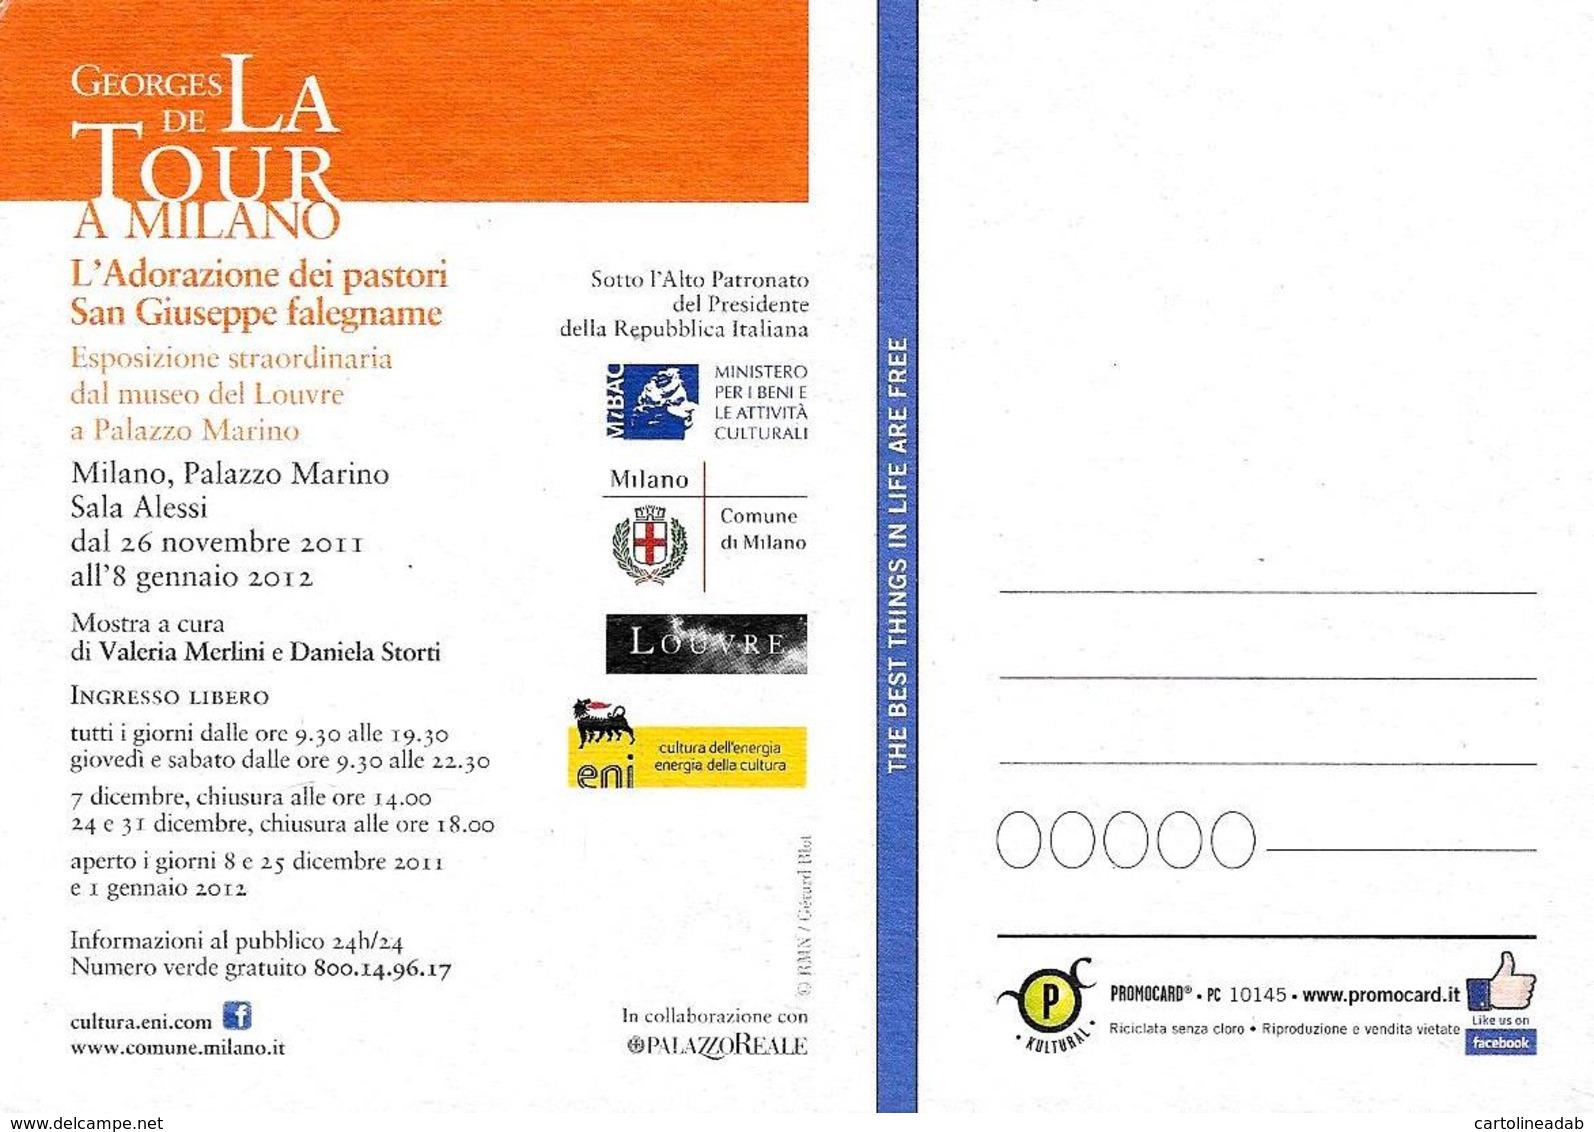 [MD2414] CPM - GEORGES DE LA TOUR A MILANO - PALAZZO MARINO - ADORAZIONE DEI PASTORI - PROMOCARD 10145 - Non Viaggiata - Eventi